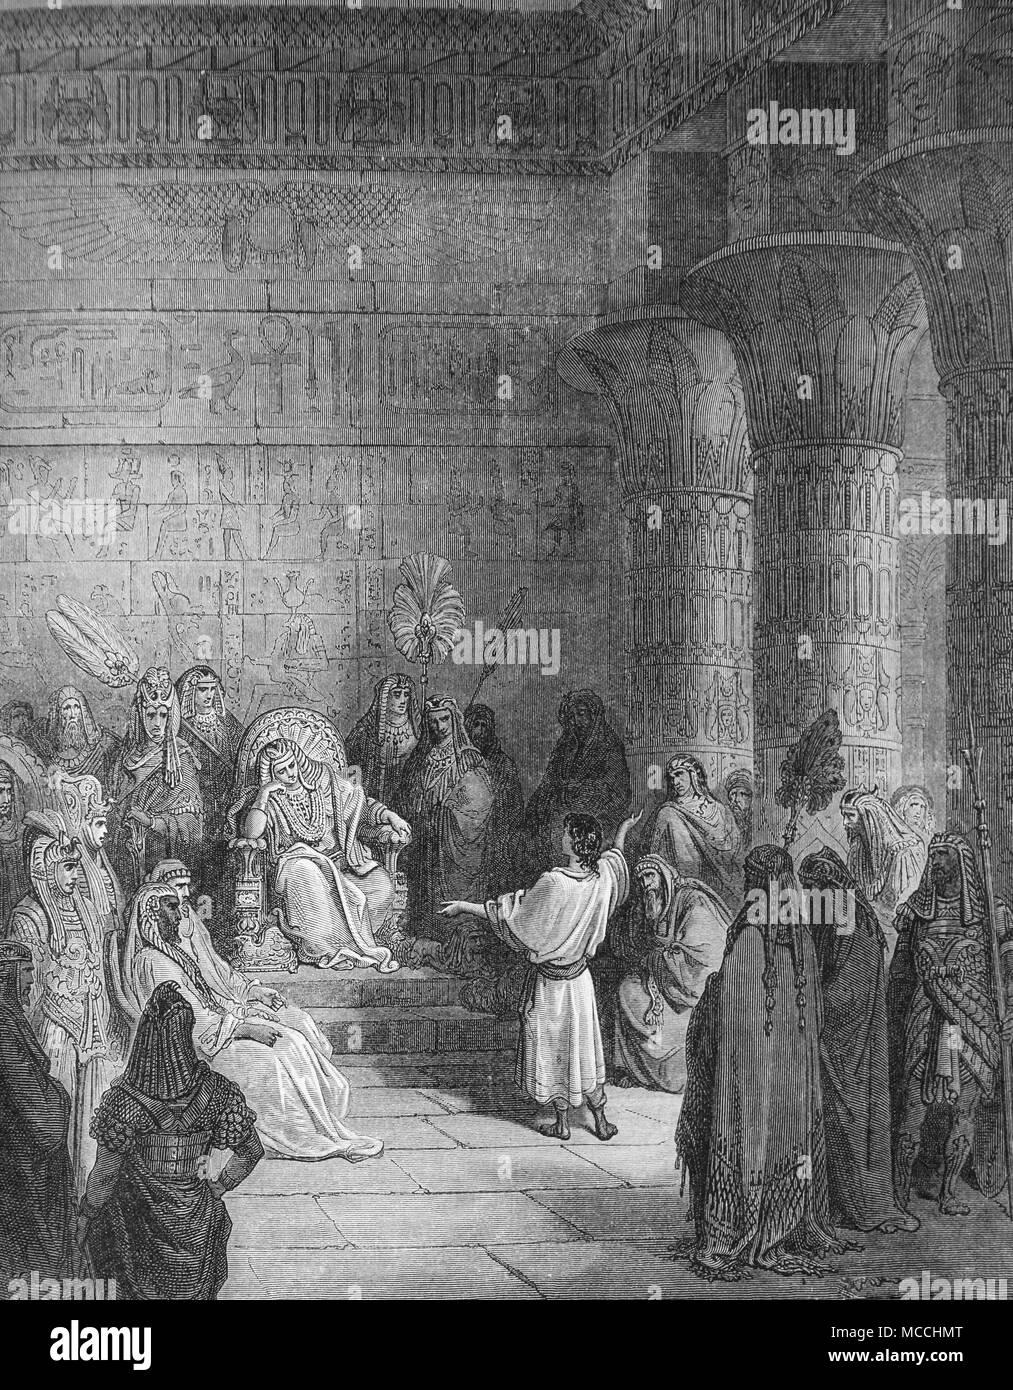 Giuseppe interpretare al Faraone la sogno. La Bibbia illustrazione di Gustave Doré Immagini Stock